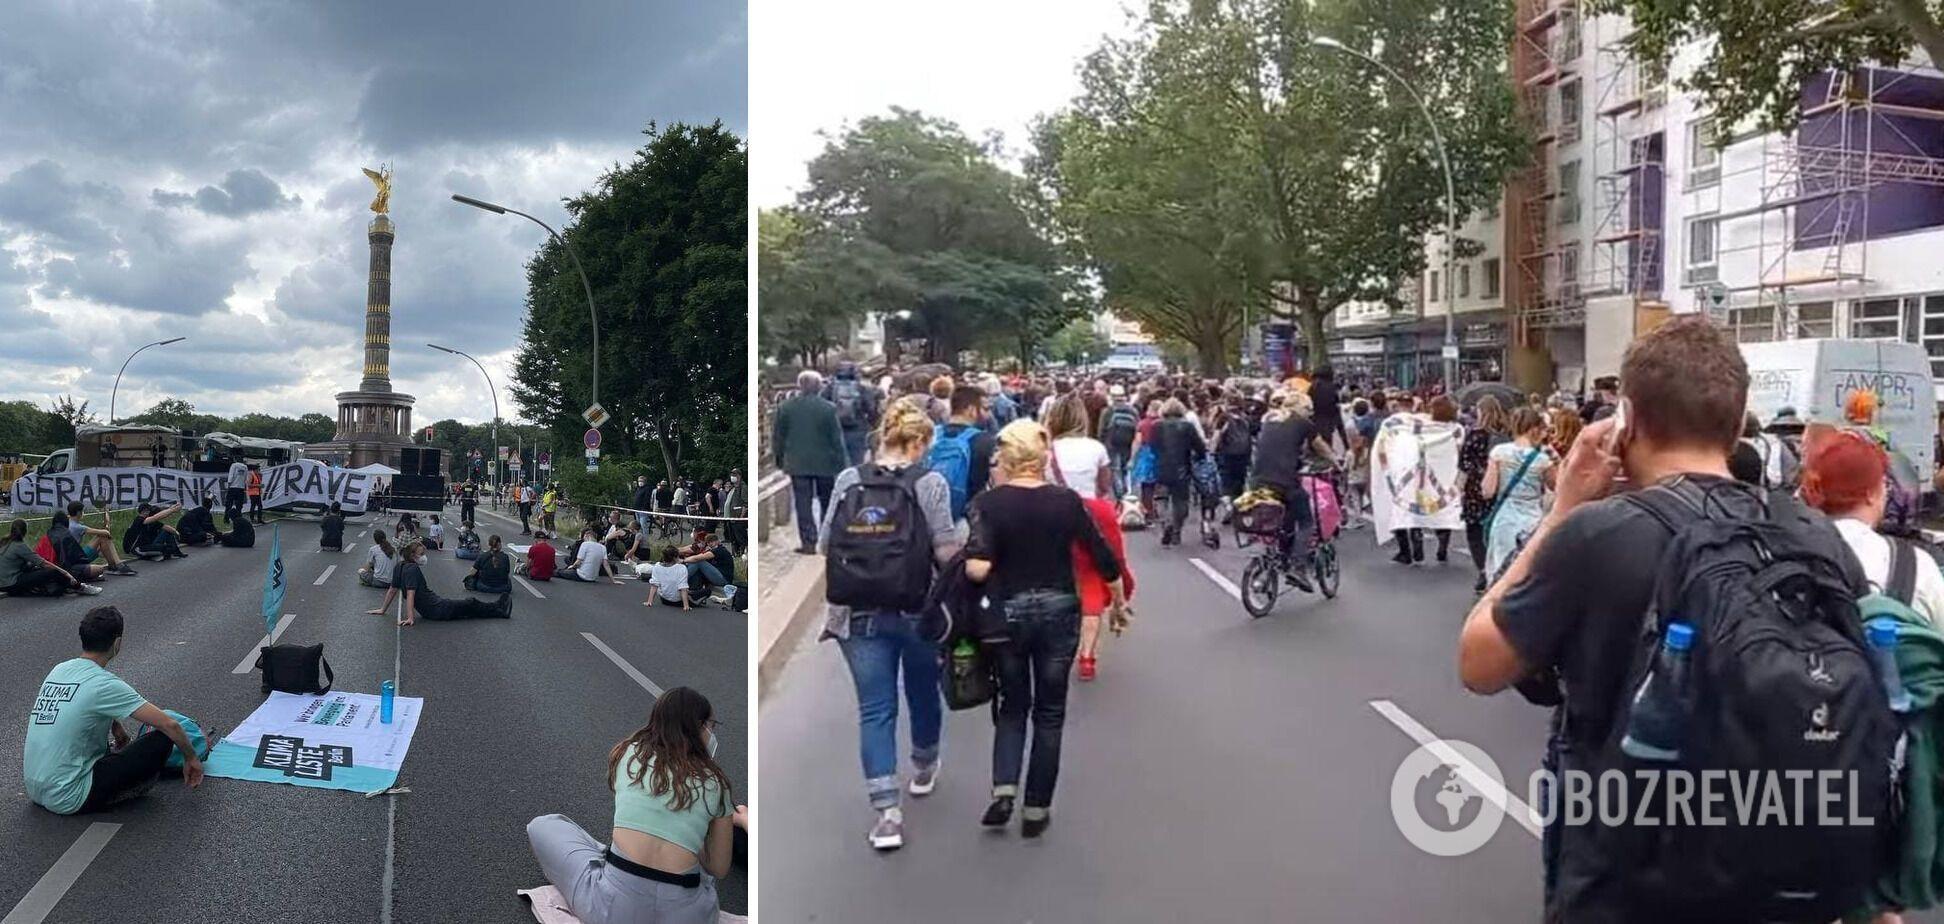 Демонстрації на вулиці 17 червня в Берліні